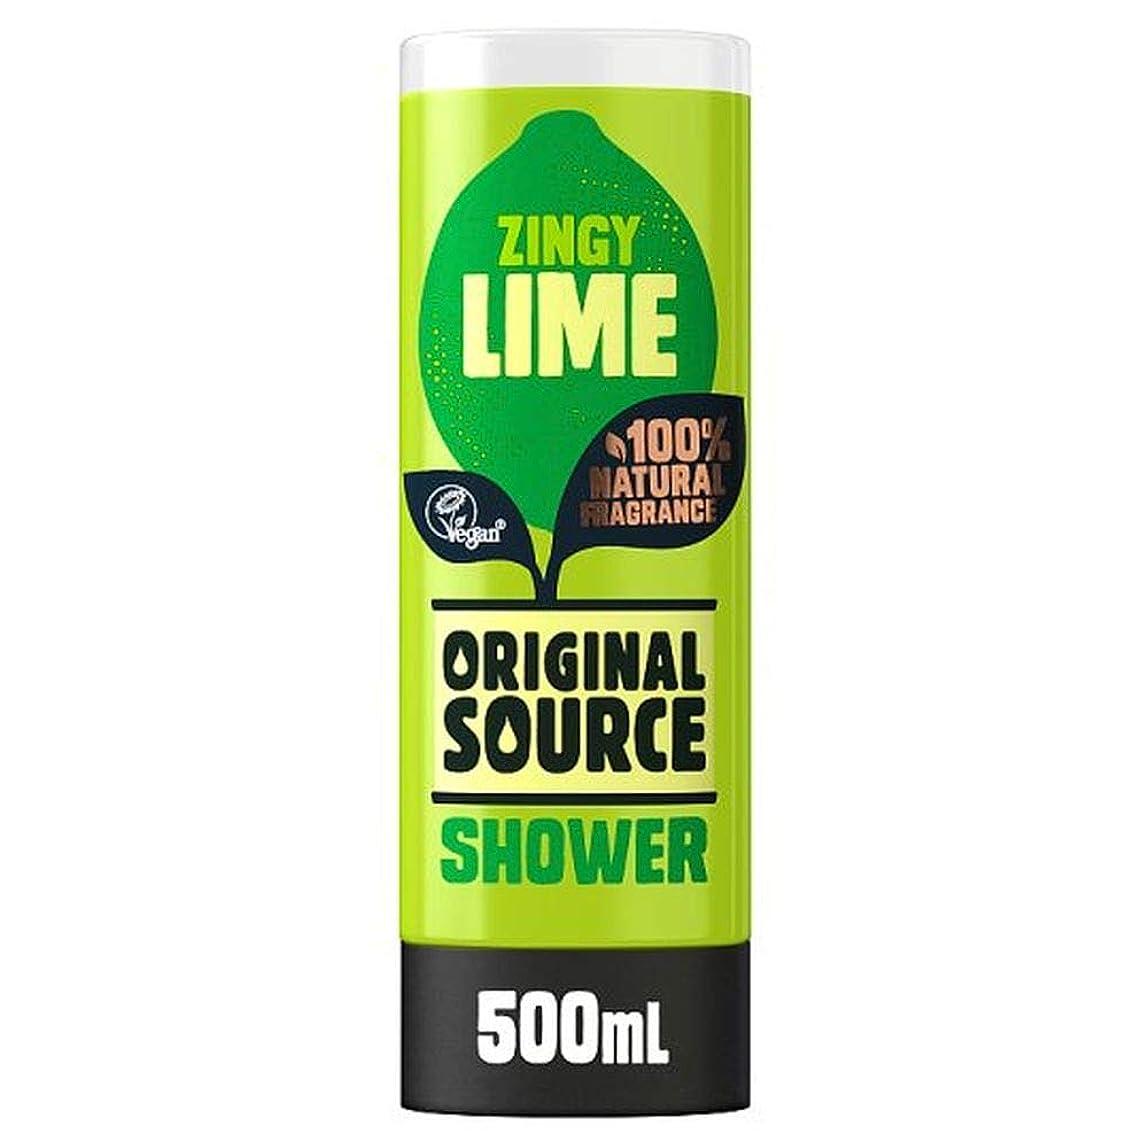 ぺディカブ移住する再集計[Original Source ] 元のソースライムシャワージェル500ミリリットル - Original Source Lime Shower Gel 500Ml [並行輸入品]